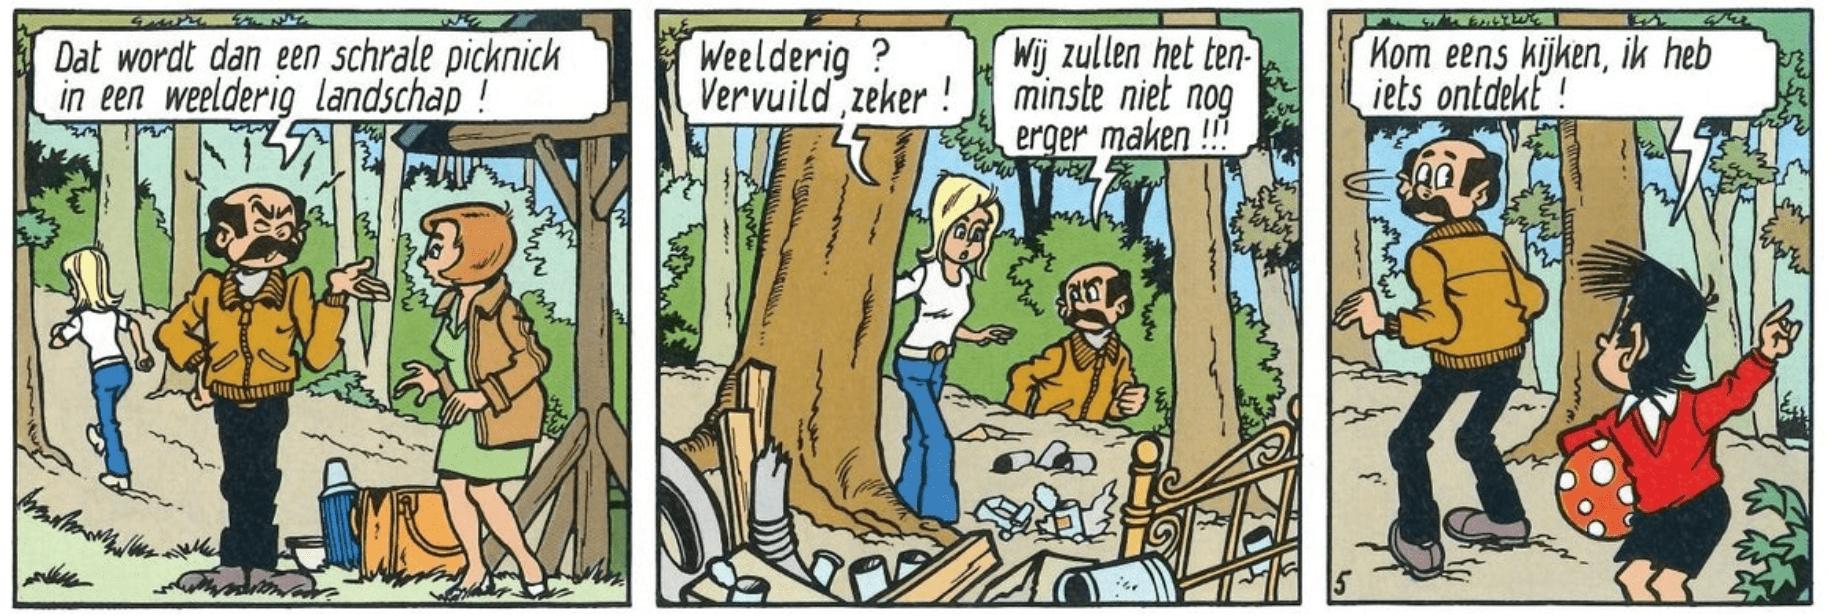 De Wollebollen - De Kiekeboes (c) Merho